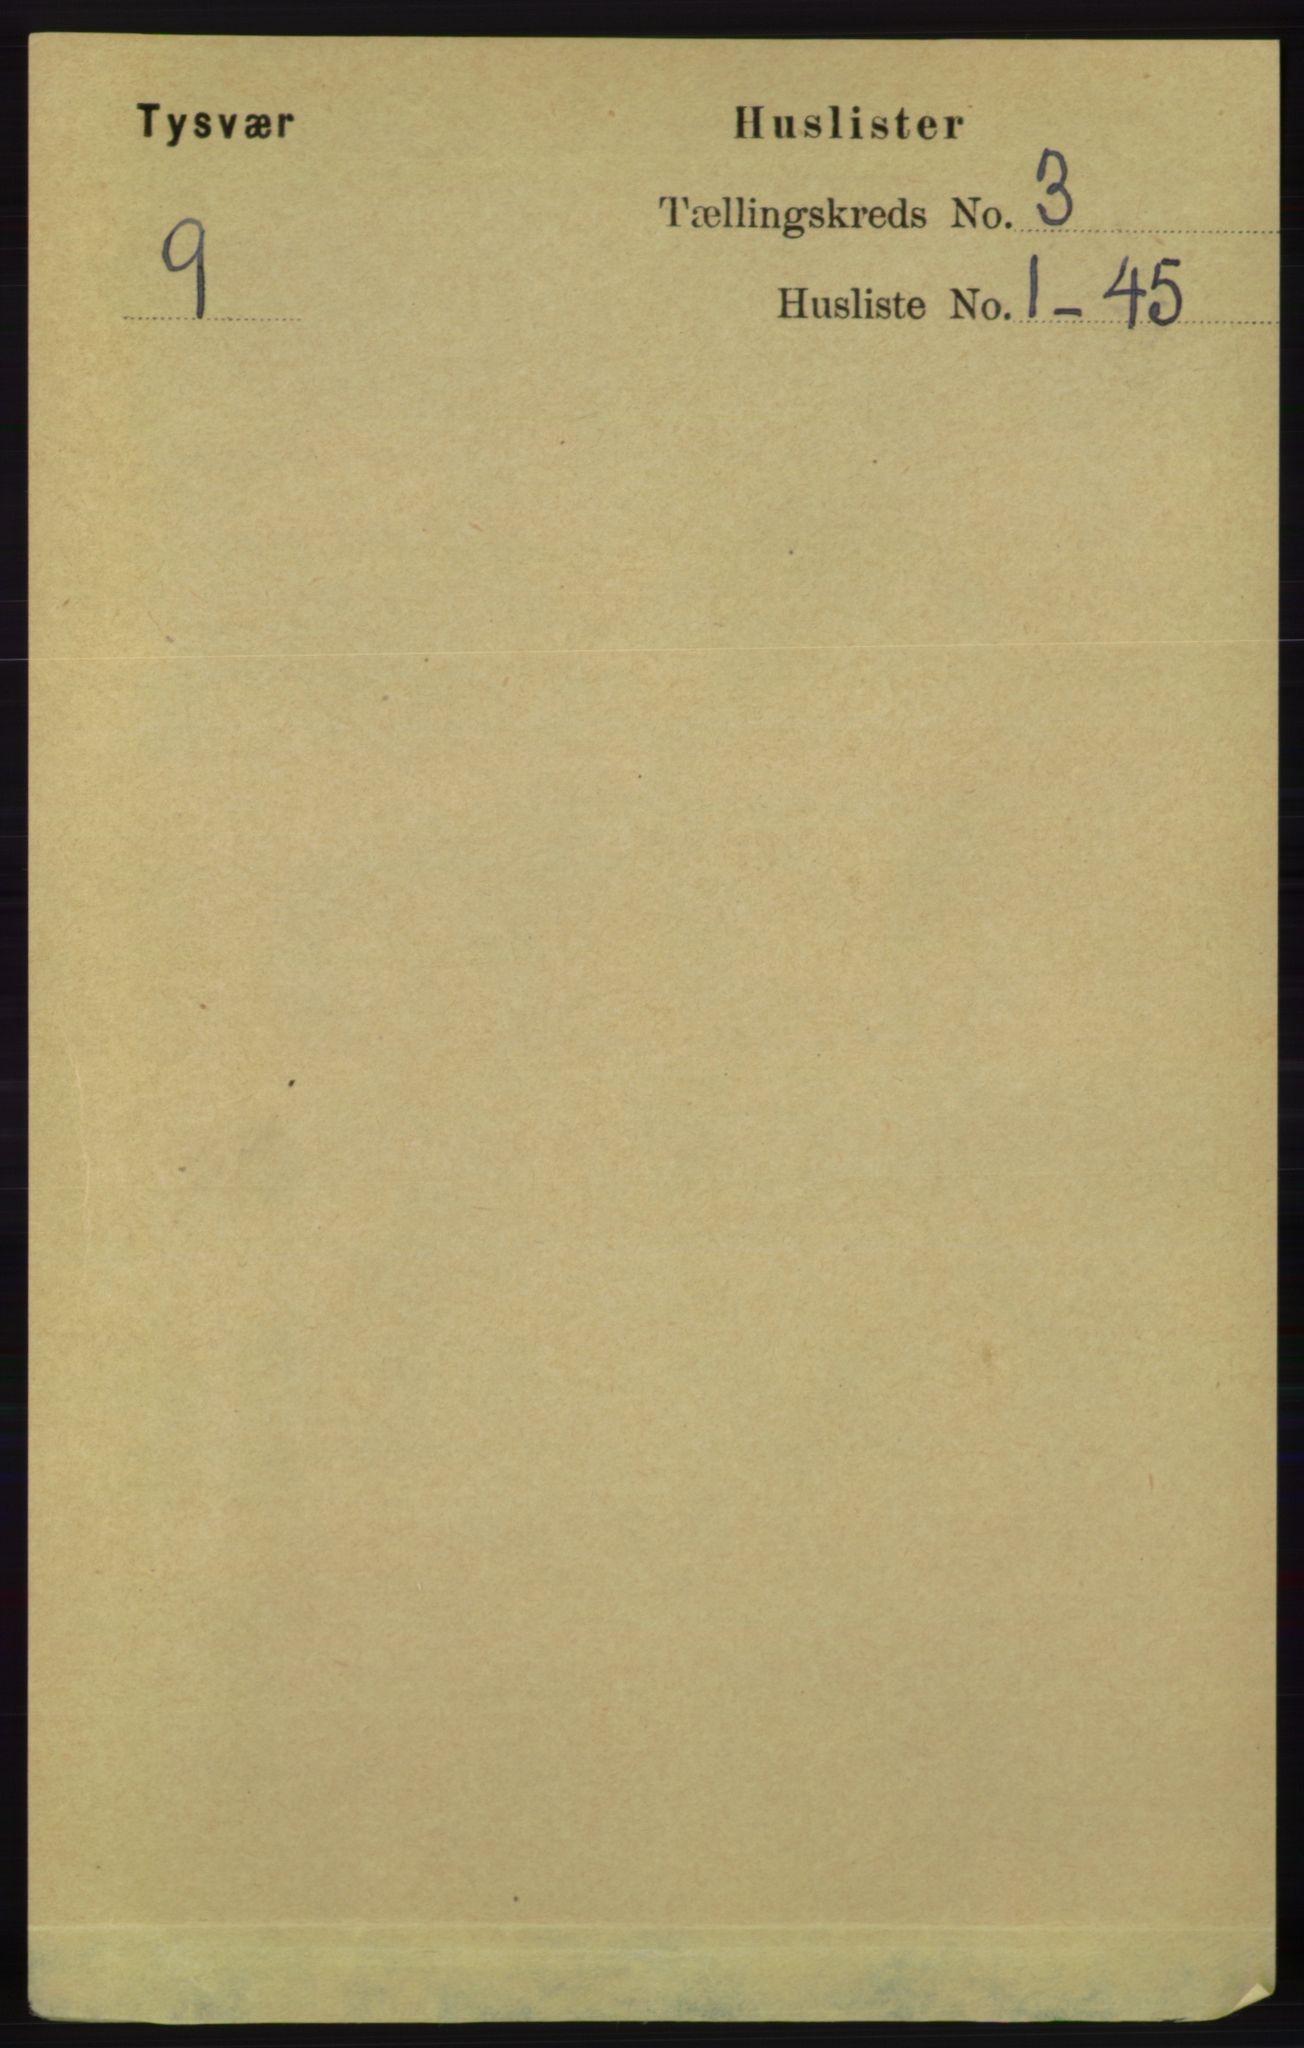 RA, Folketelling 1891 for 1146 Tysvær herred, 1891, s. 1182